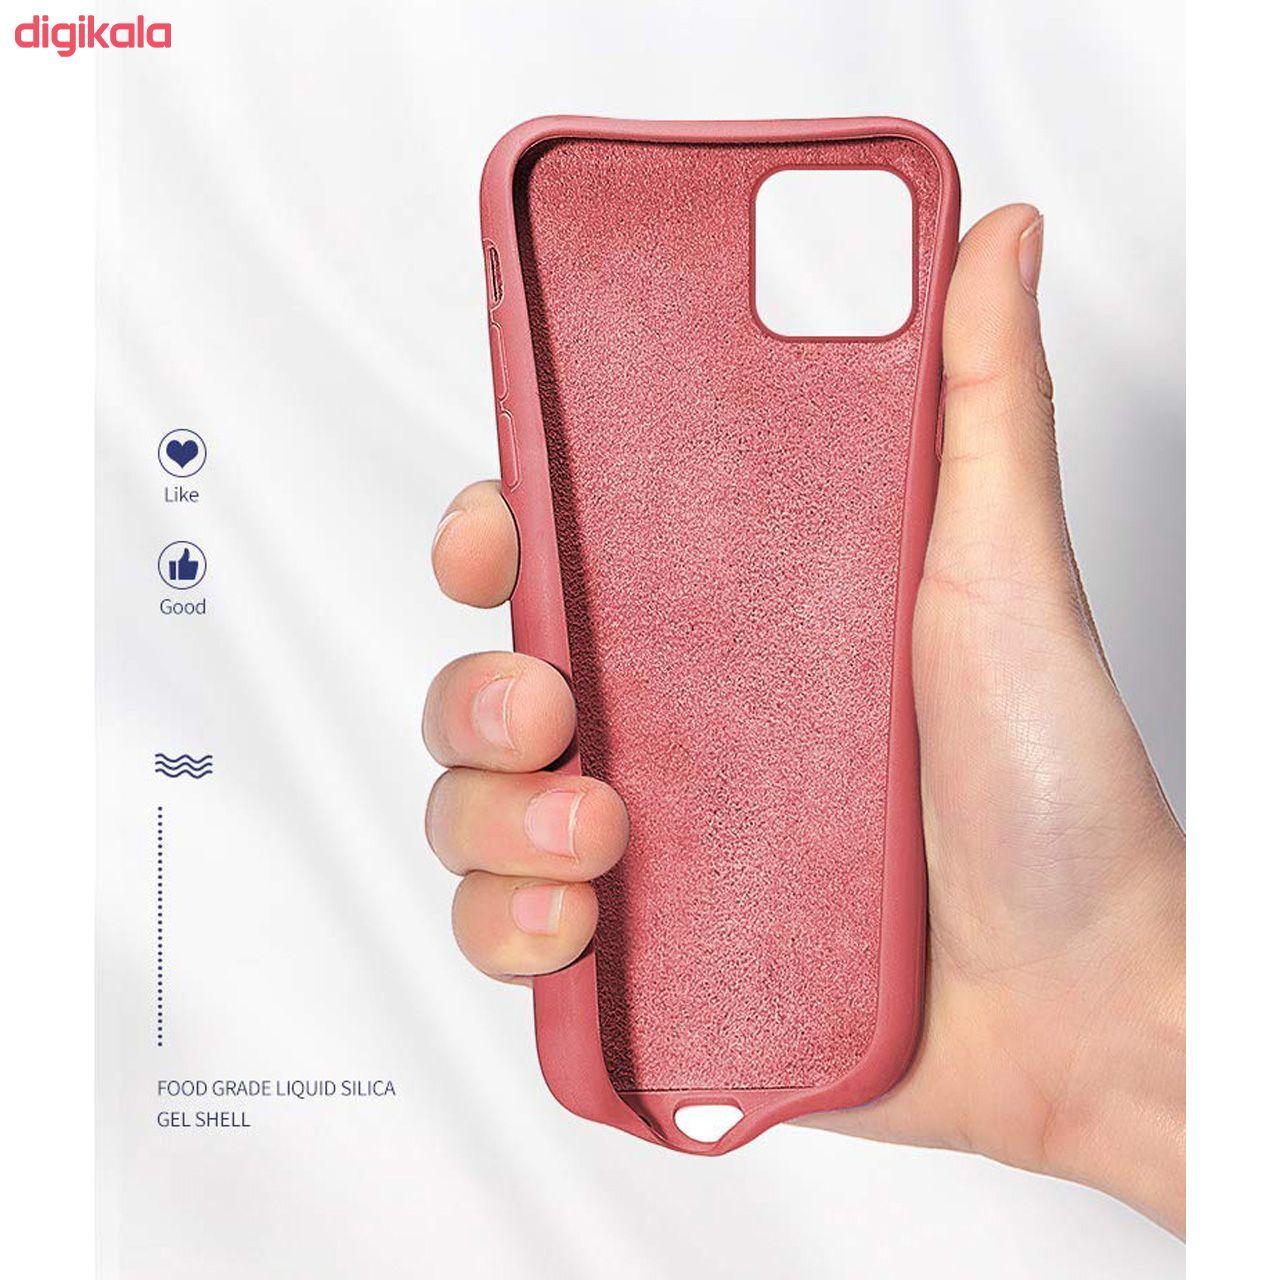 کاور وی کیس مدل Si01 مناسب برای گوشی موبایل اپل iPhone 11 main 1 4